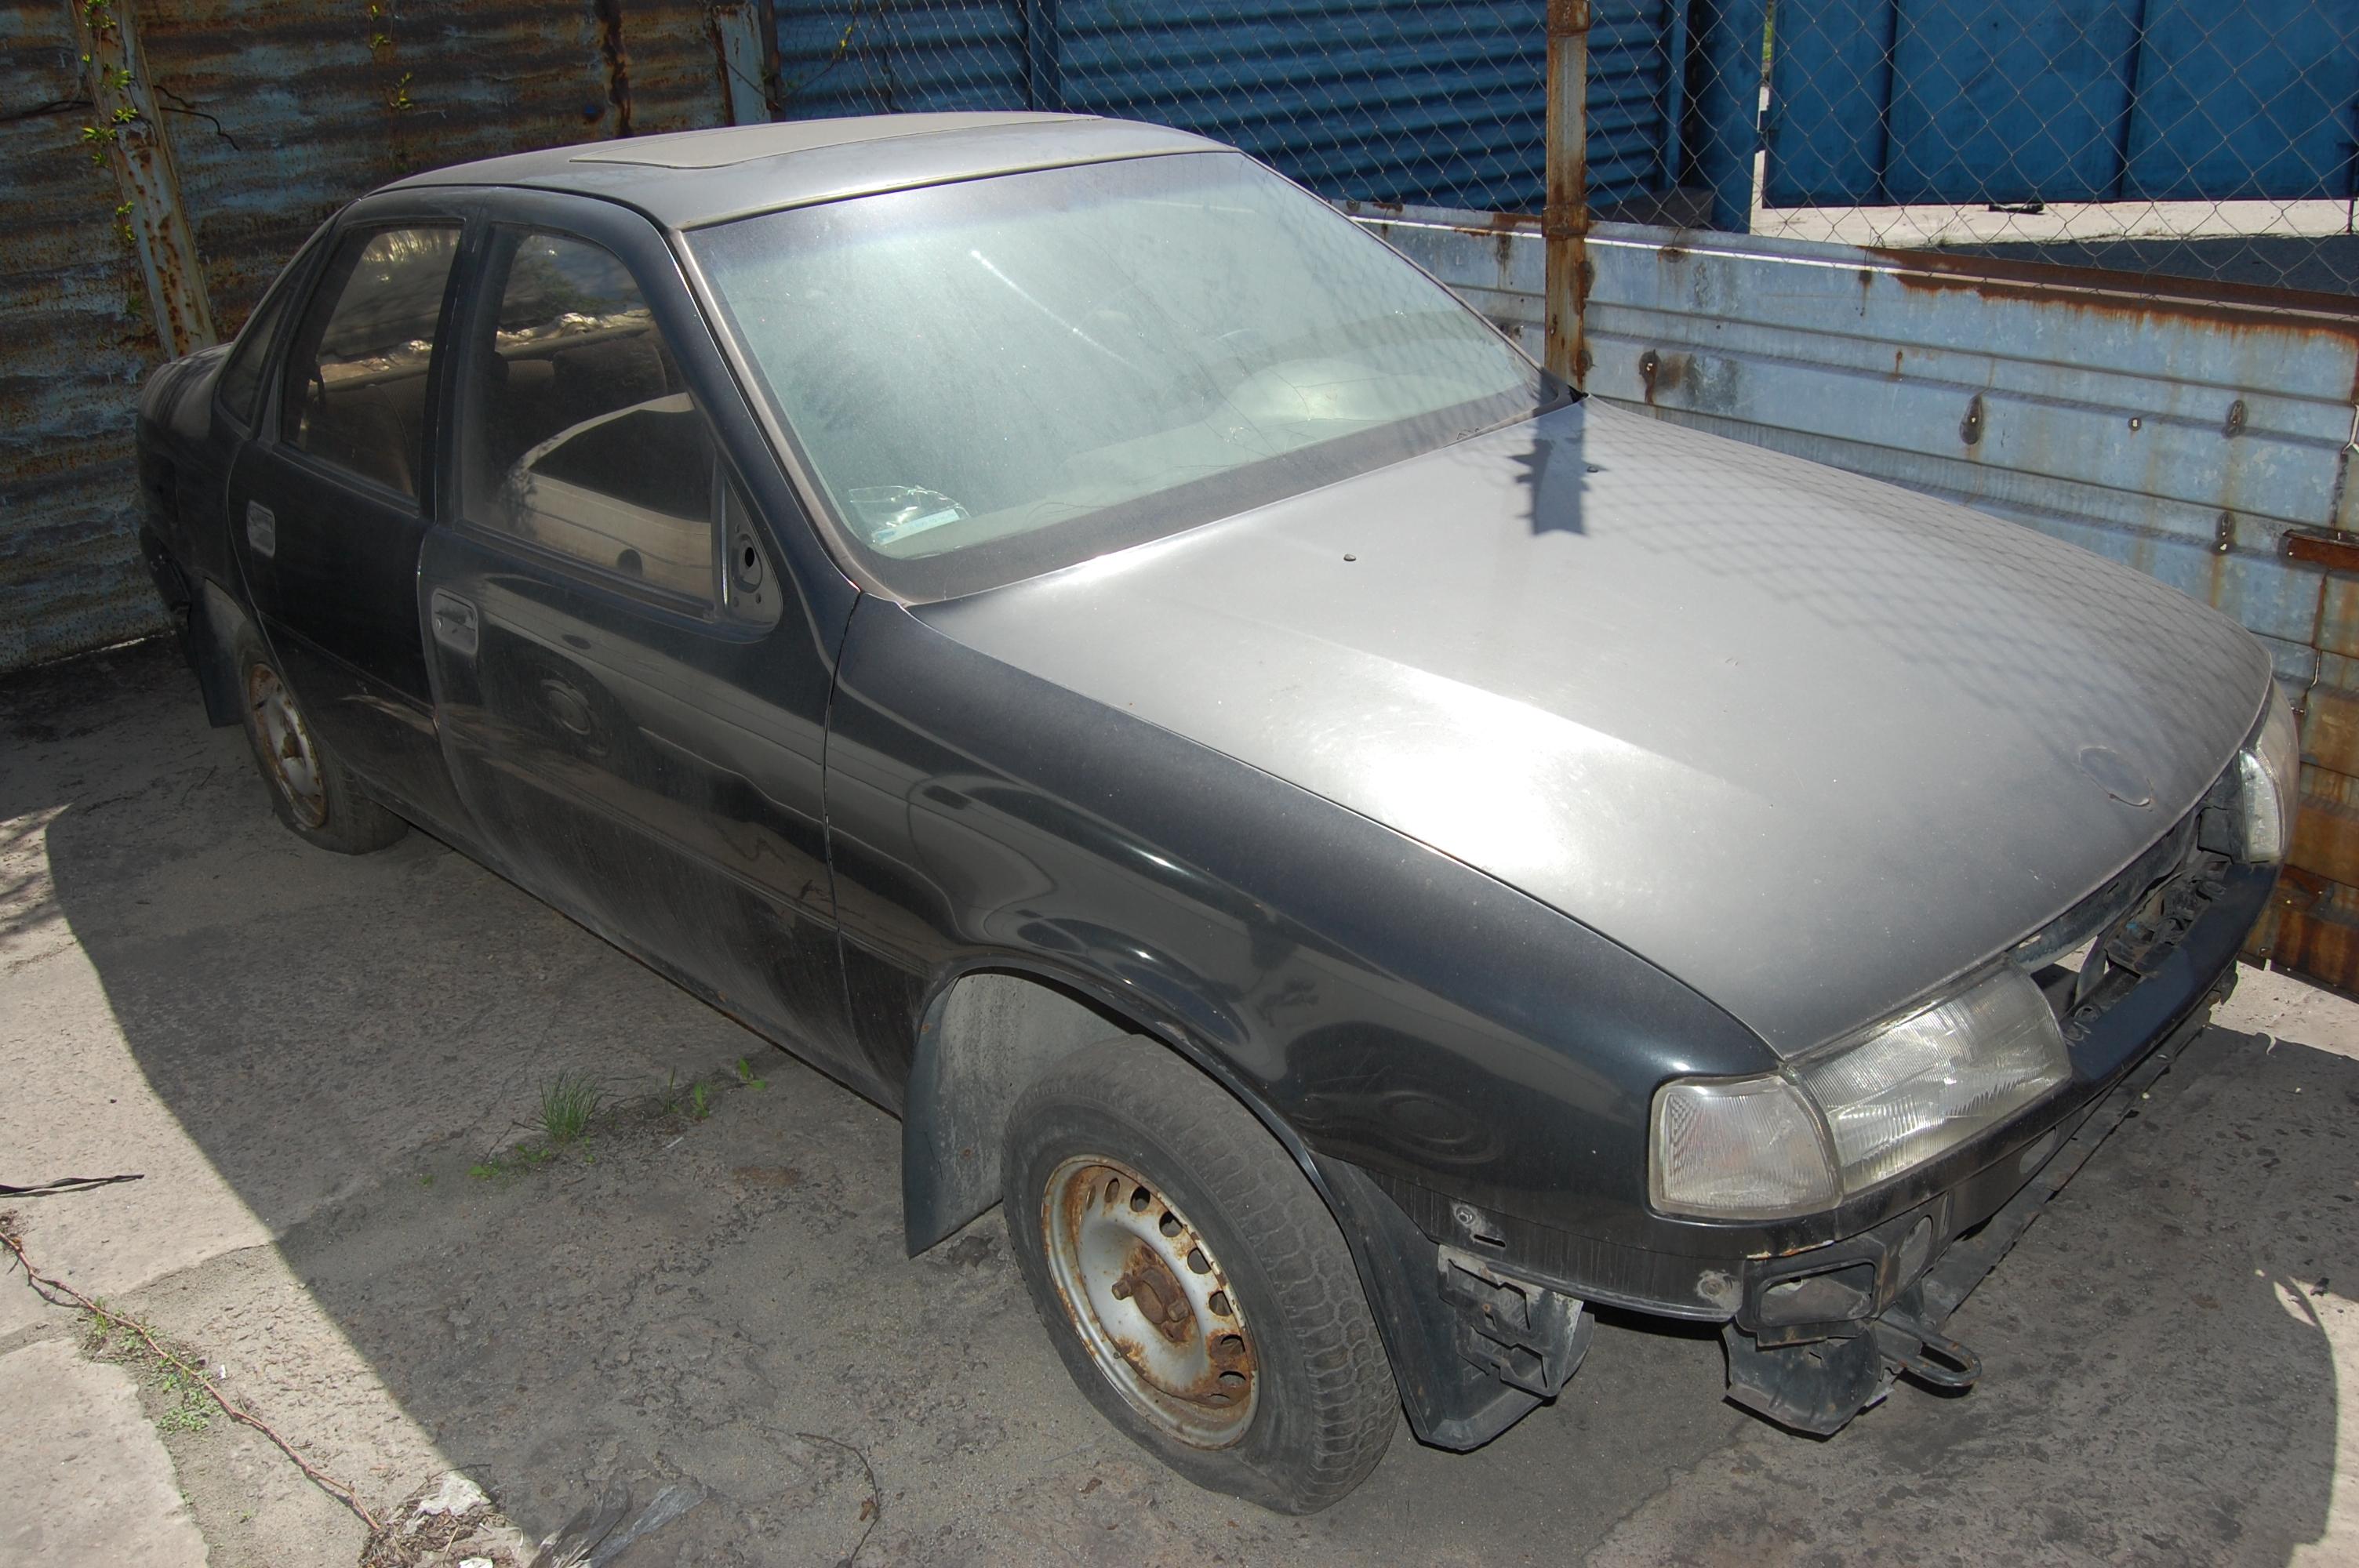 Легковий автомобіль OPEL VEKTRA, державний номер 17577НЕ, 1991 року випуску.